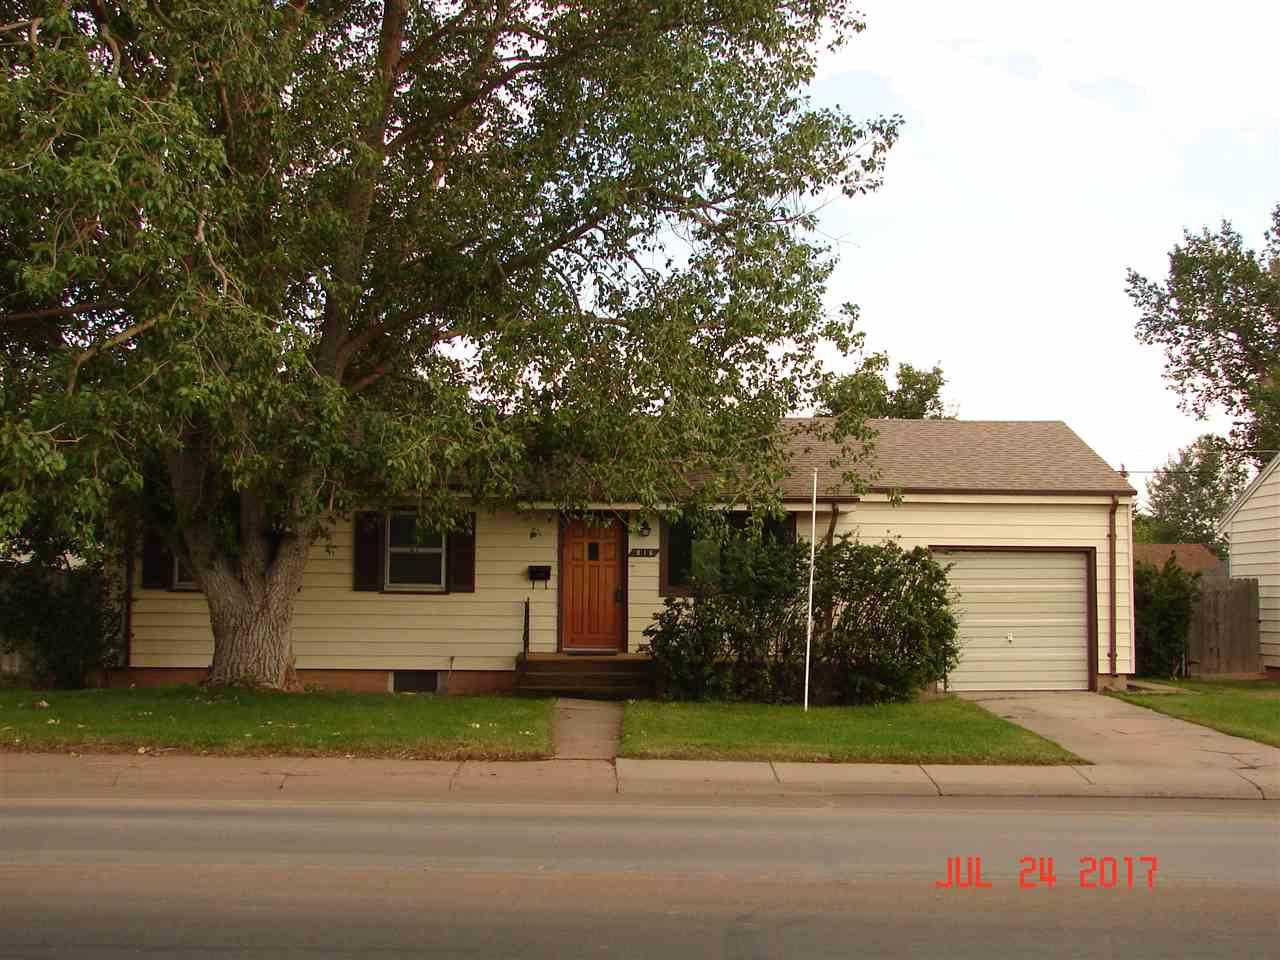 816 Reynolds St, Laramie, WY 82072